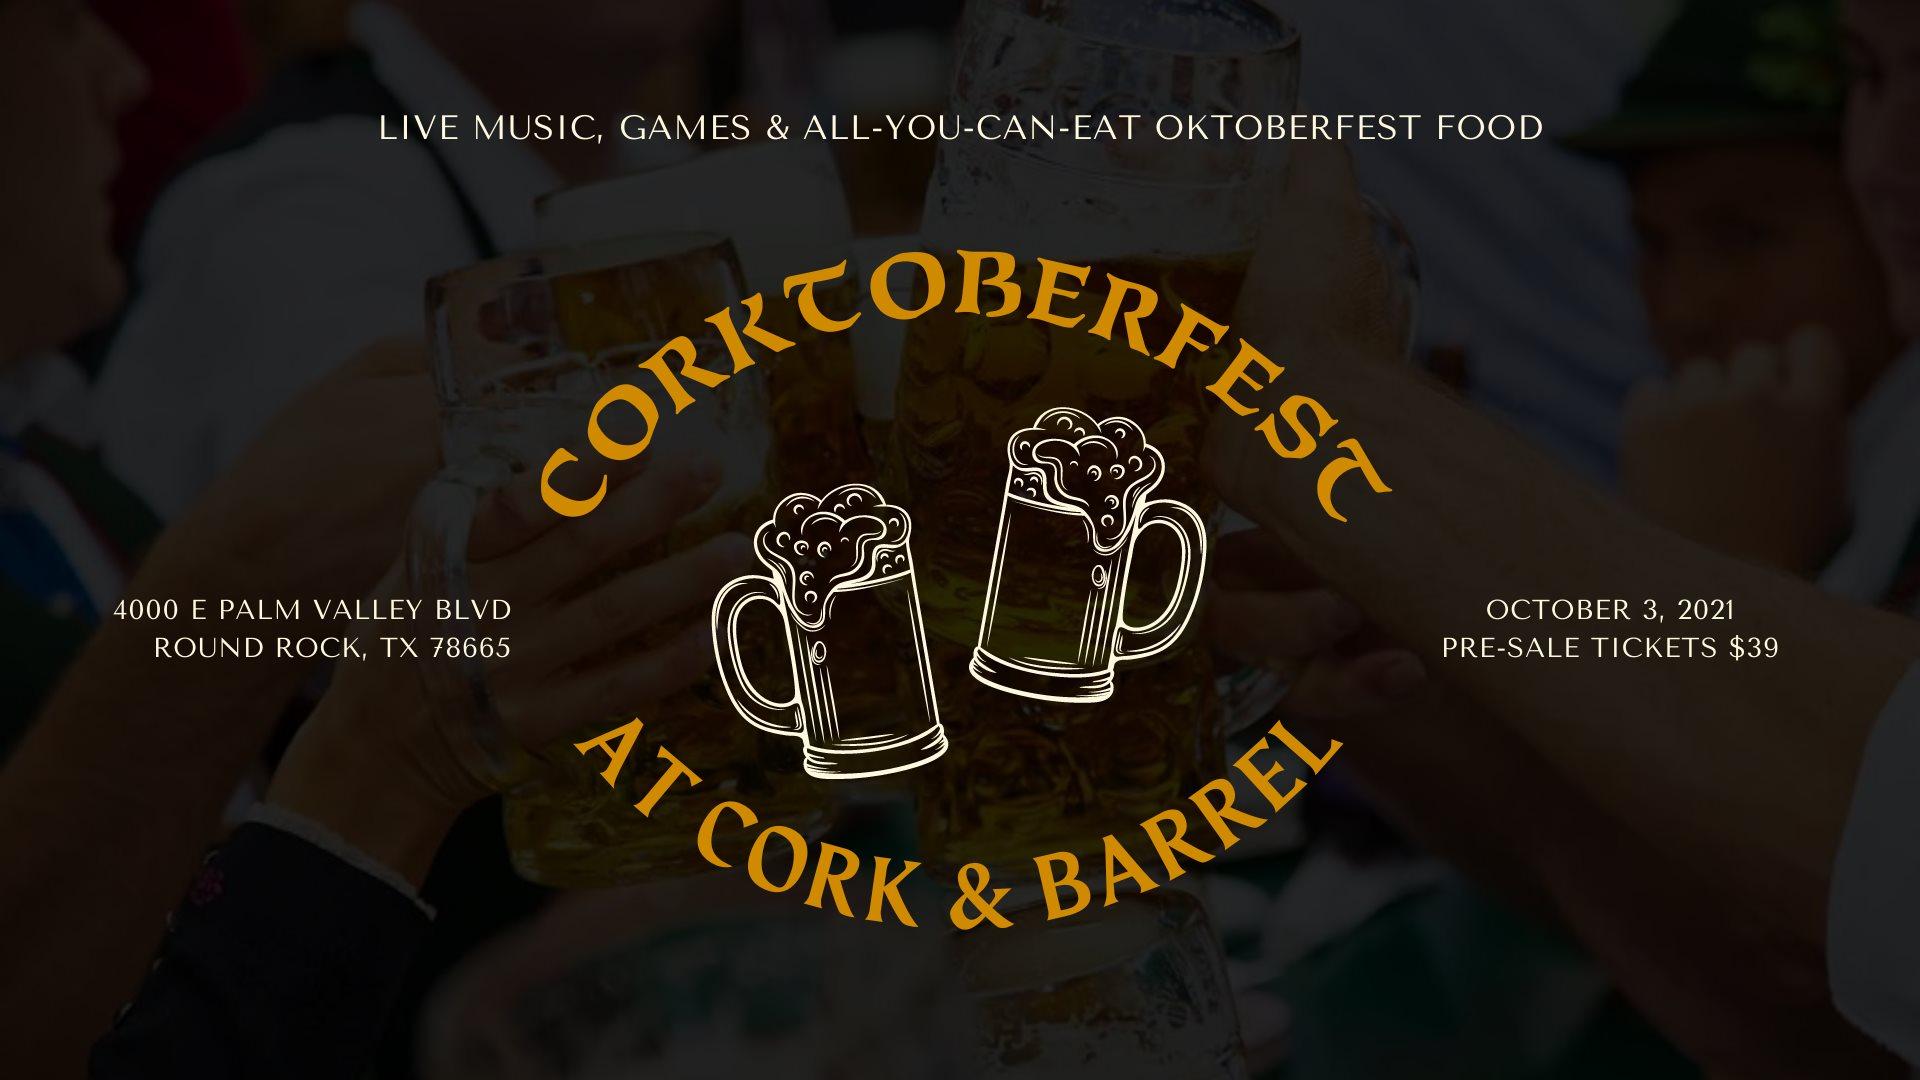 Corktoberfest at Cork & Barrel